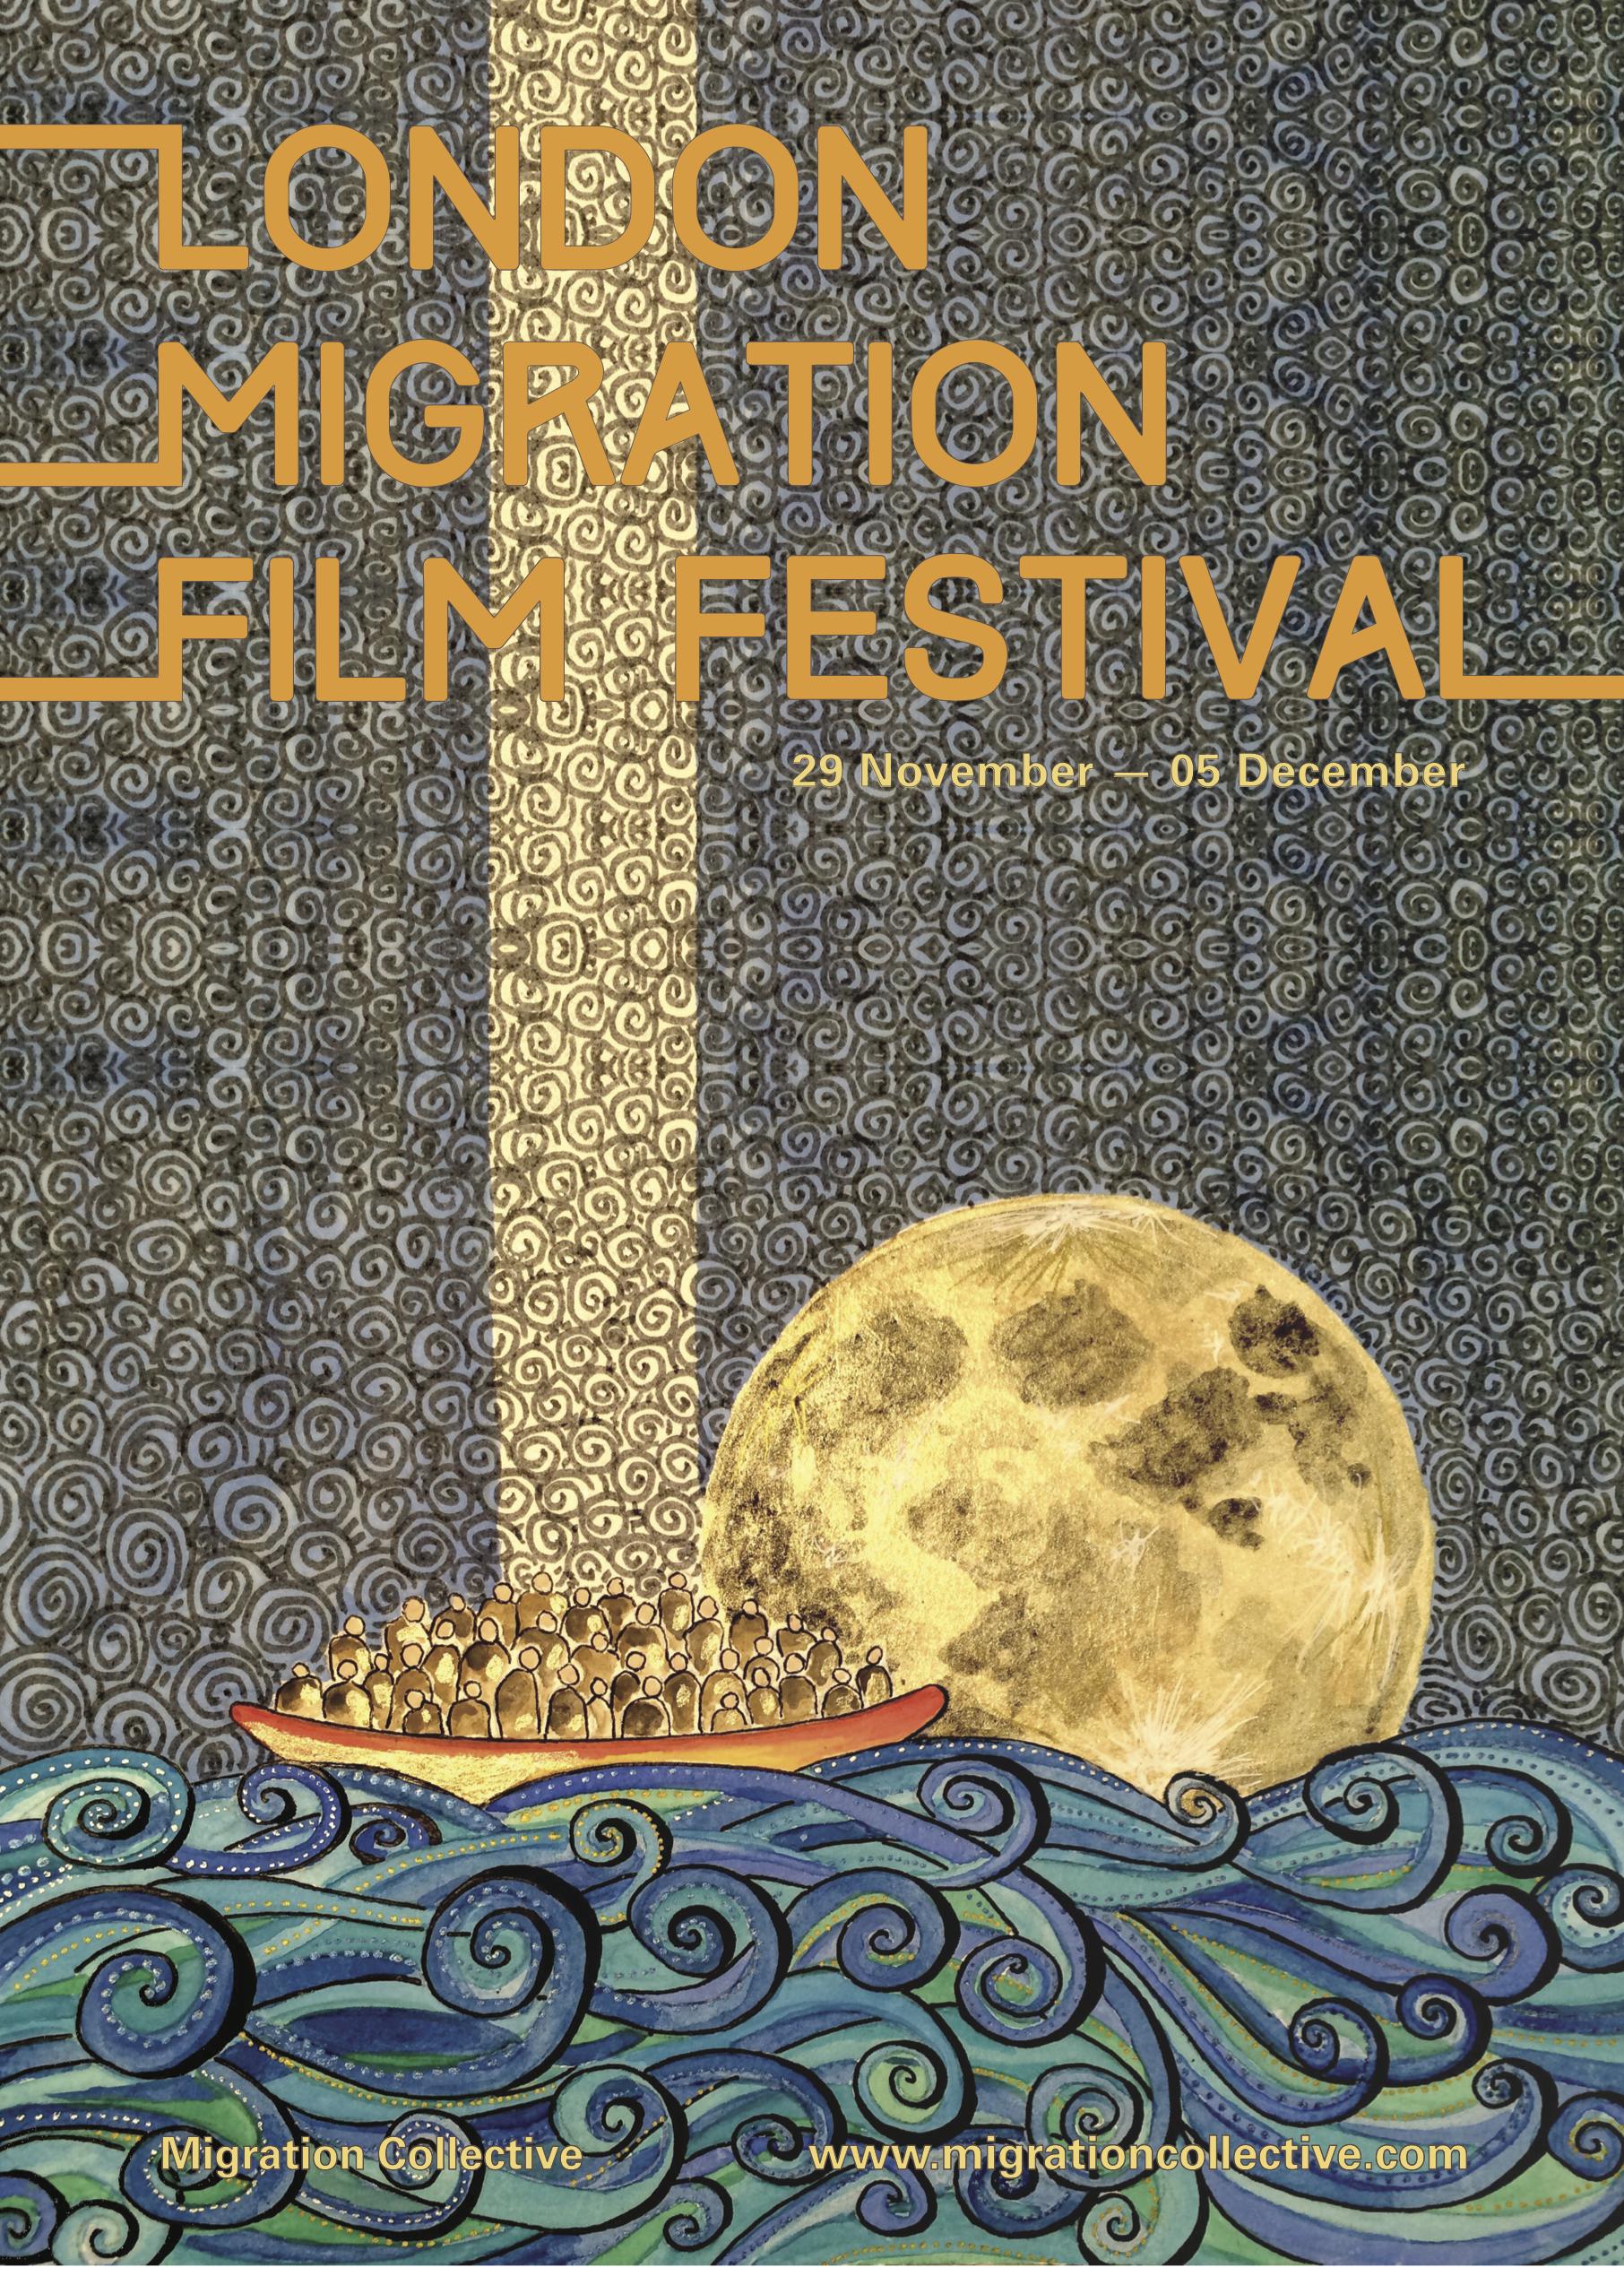 MigrationFilmFestival_Final_5.jpg